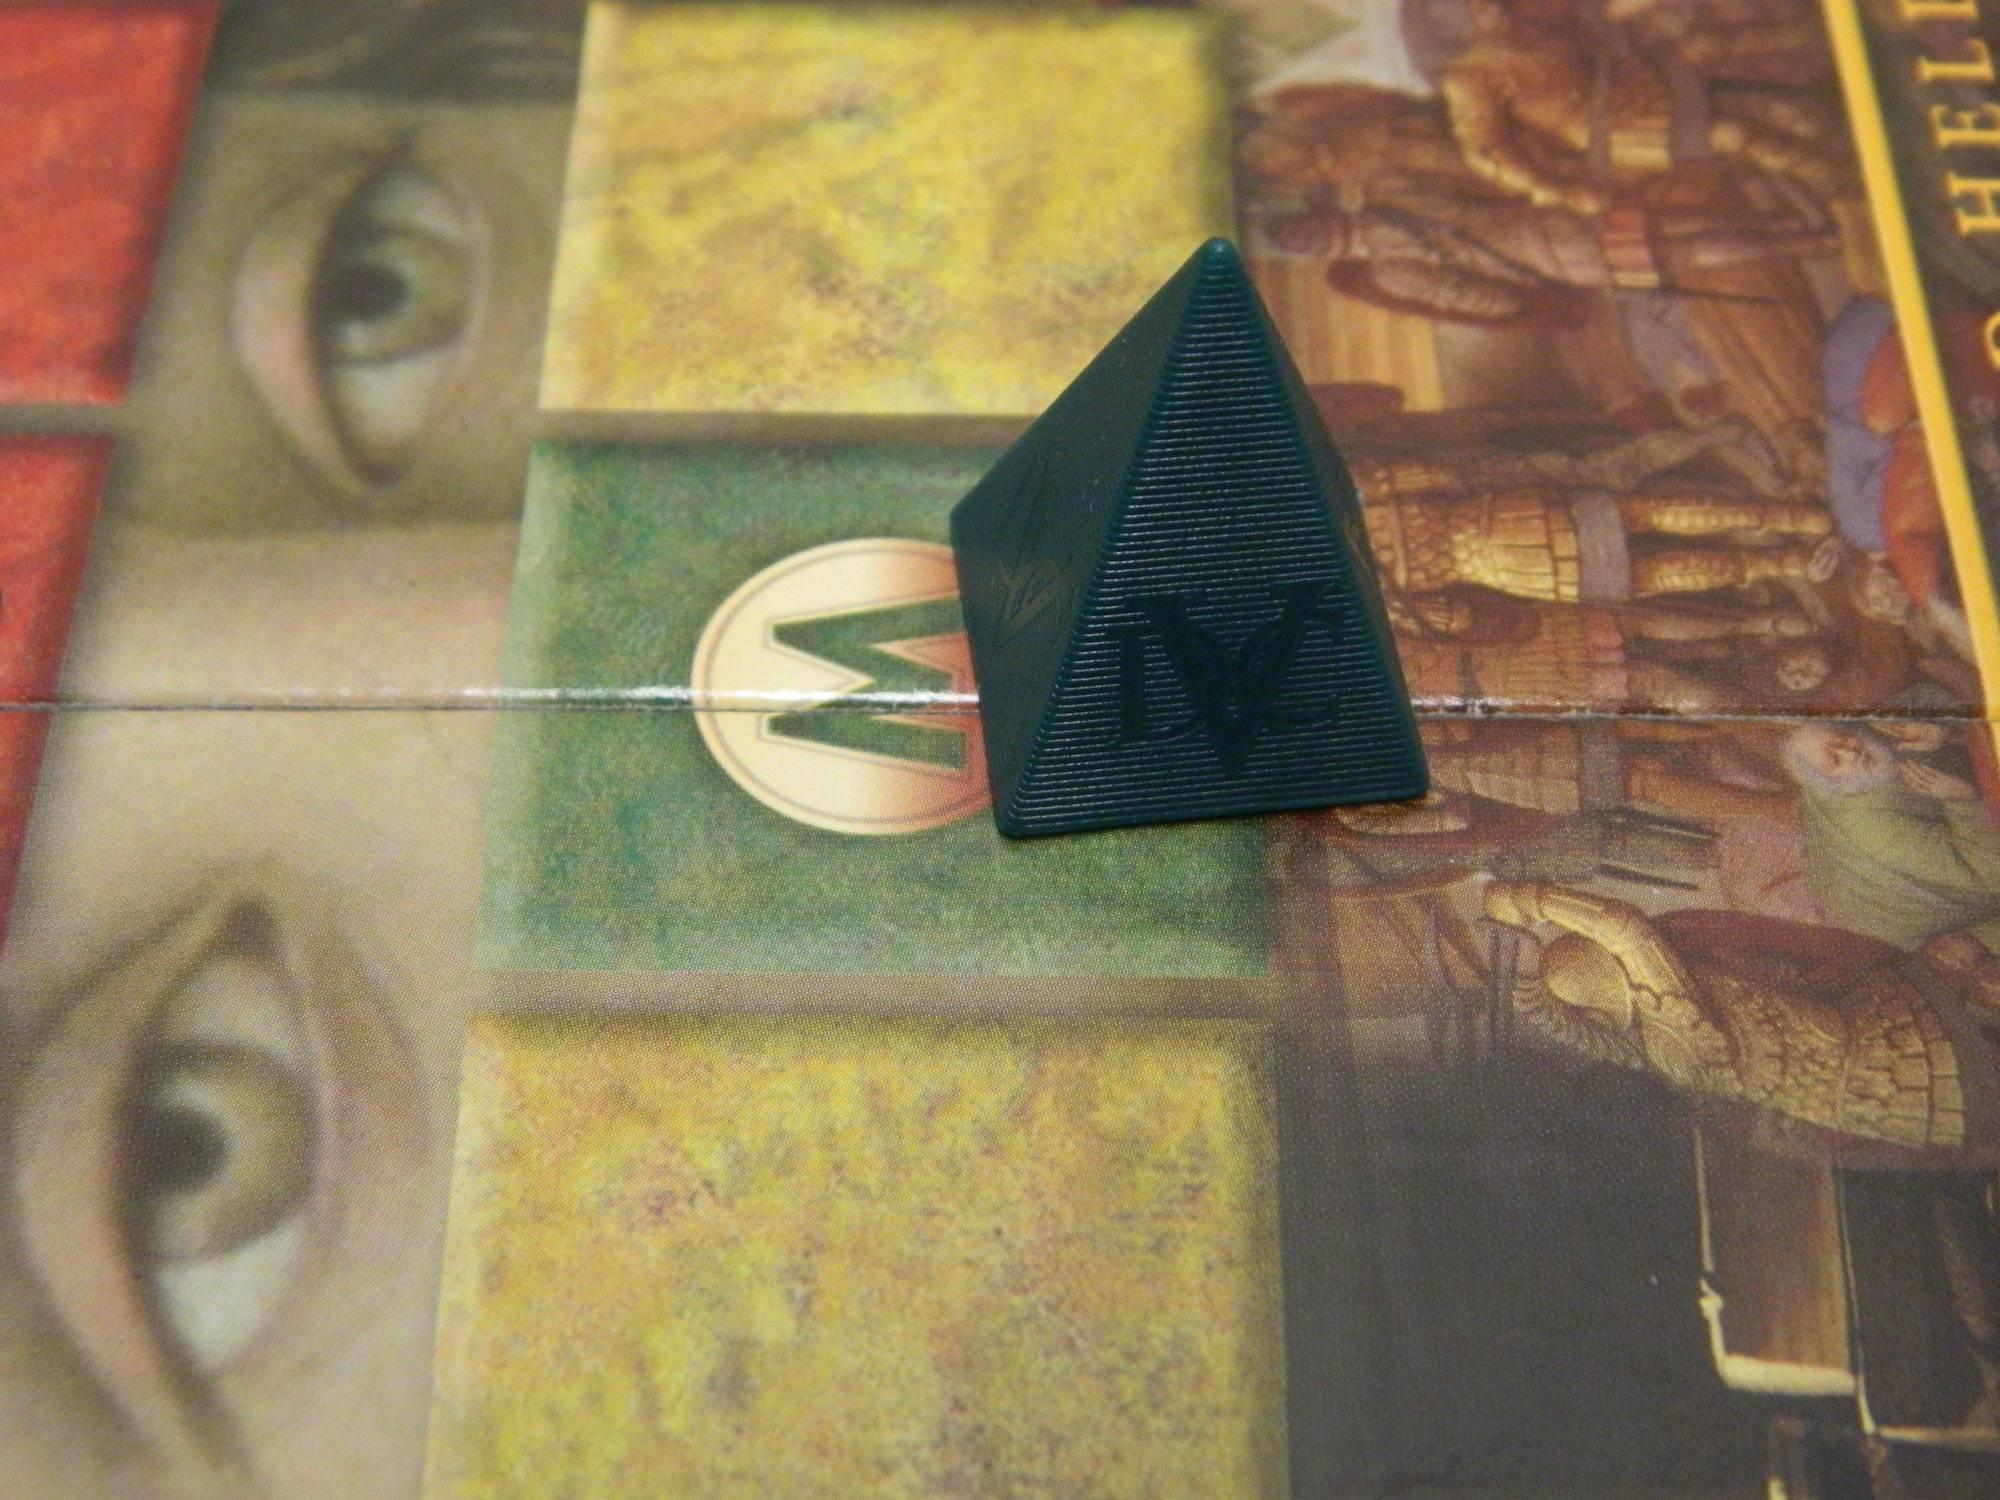 khối tự tháp đại diện cho người chơi trong bộ board game Da Vinci Code